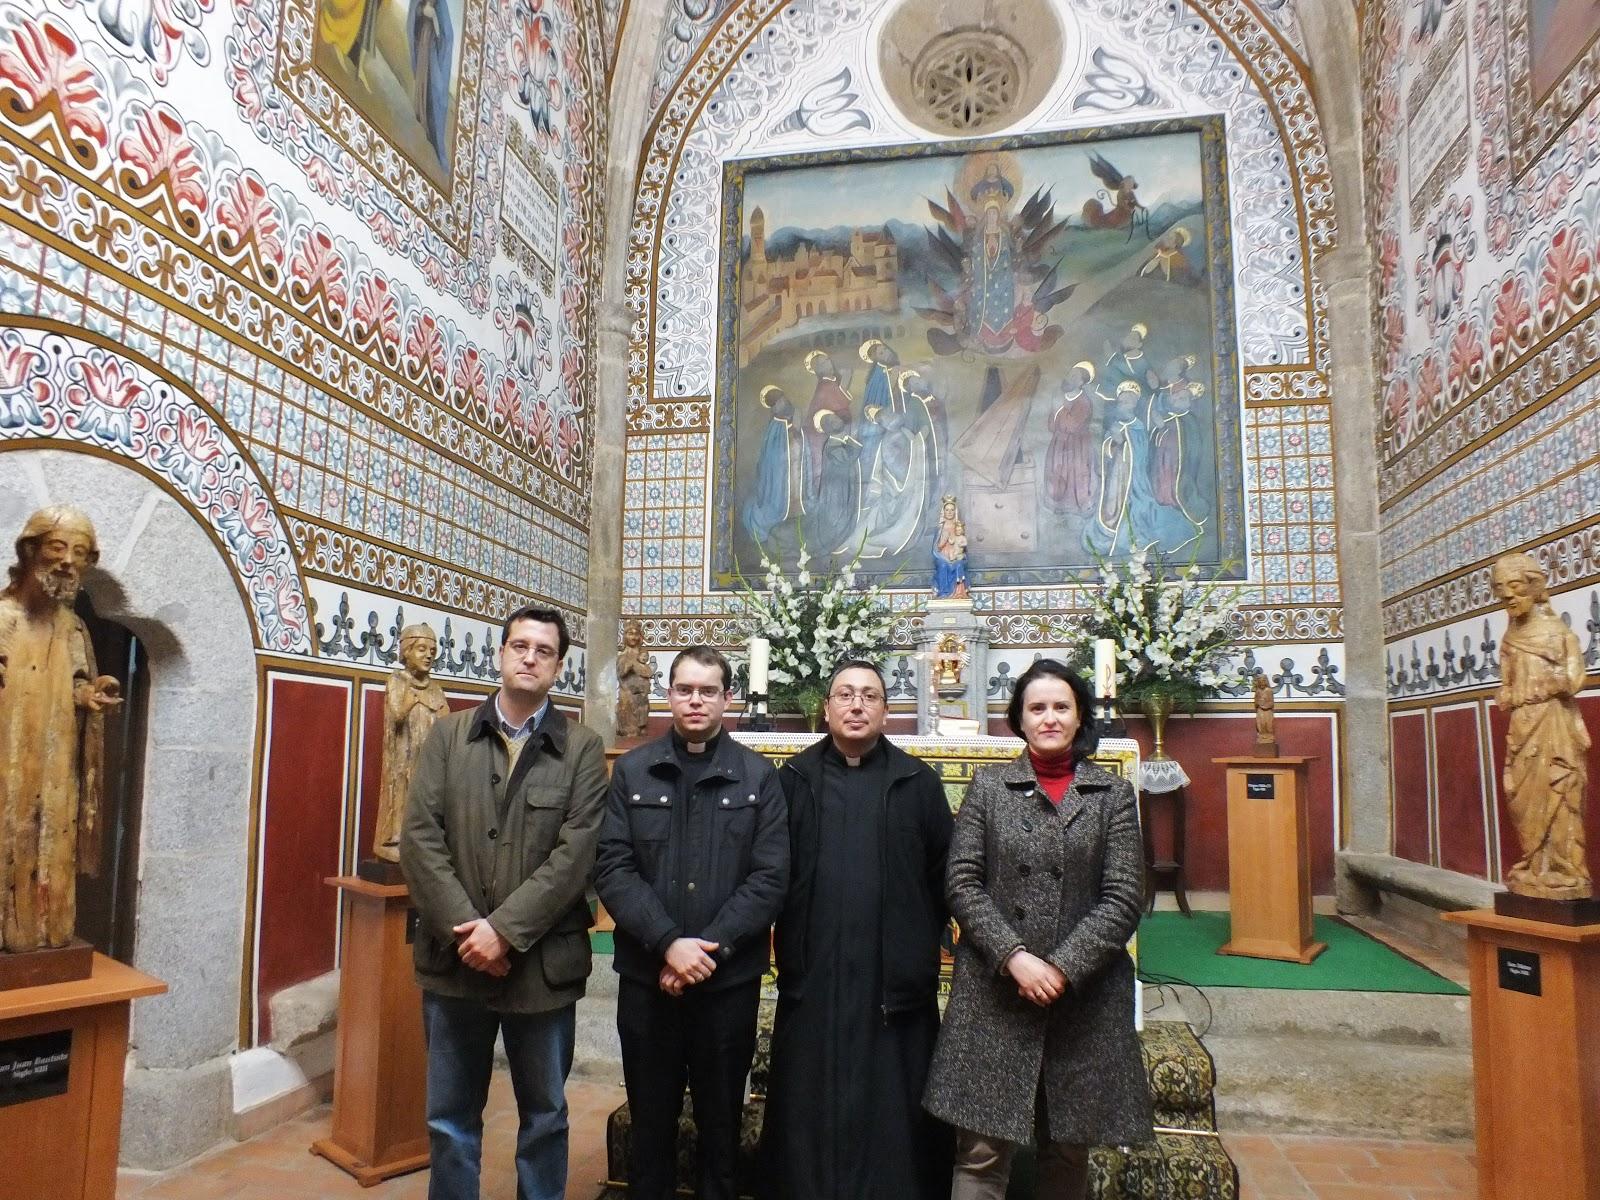 Parroquia san mateo villanueva del duque se reencuentra for Villanueva del duque